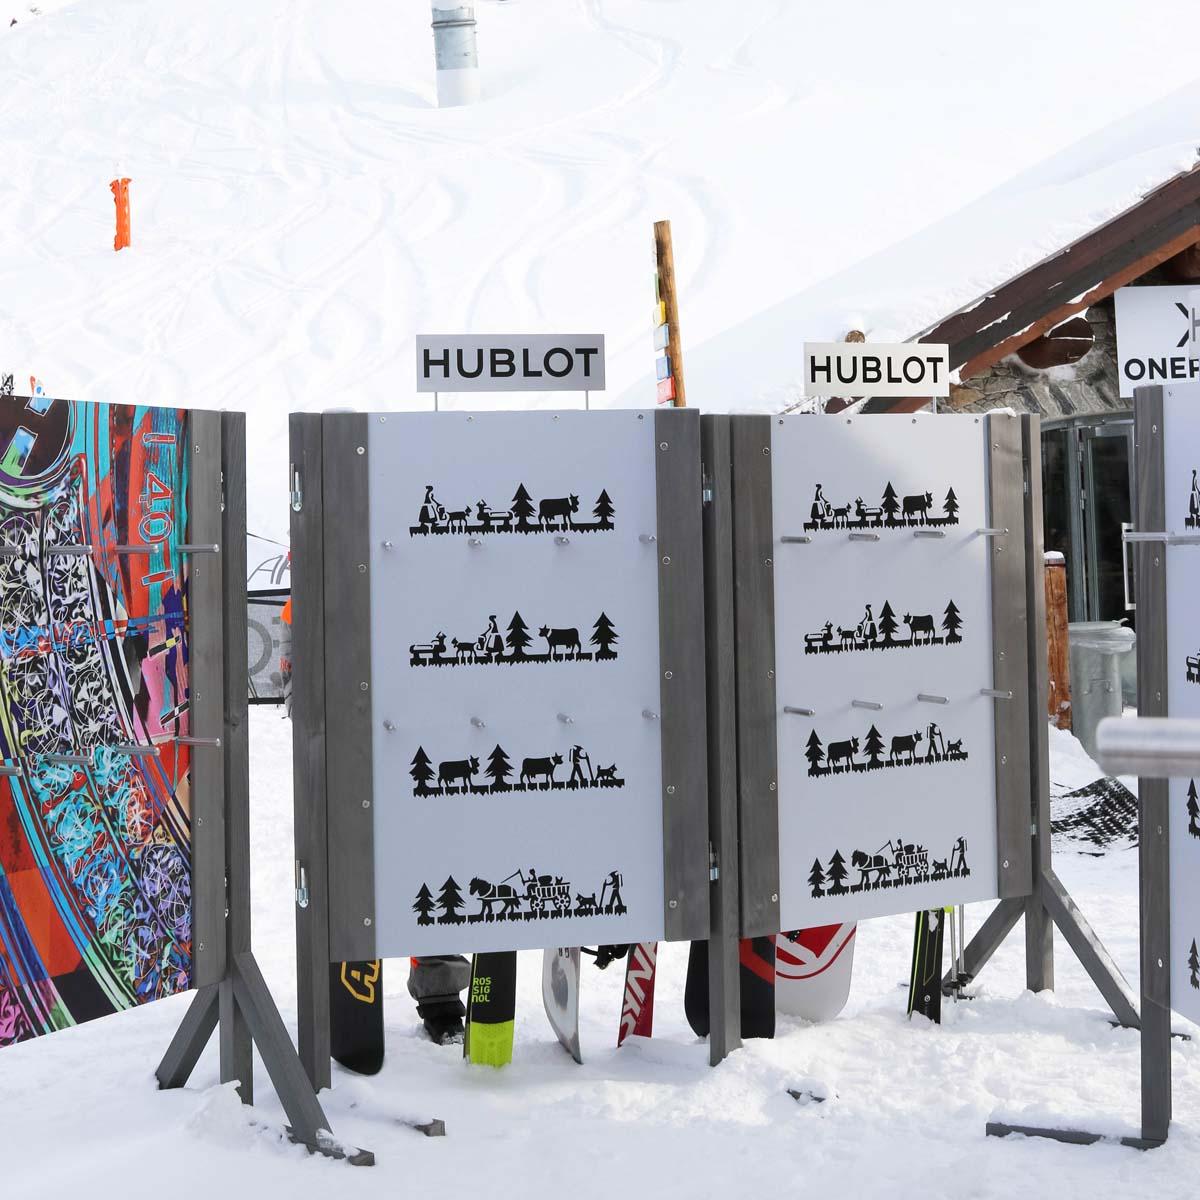 La Cote des Montres : Photo - Hublot devient le chronométreur officiel de La Folie Douce Méribel-Courchevel